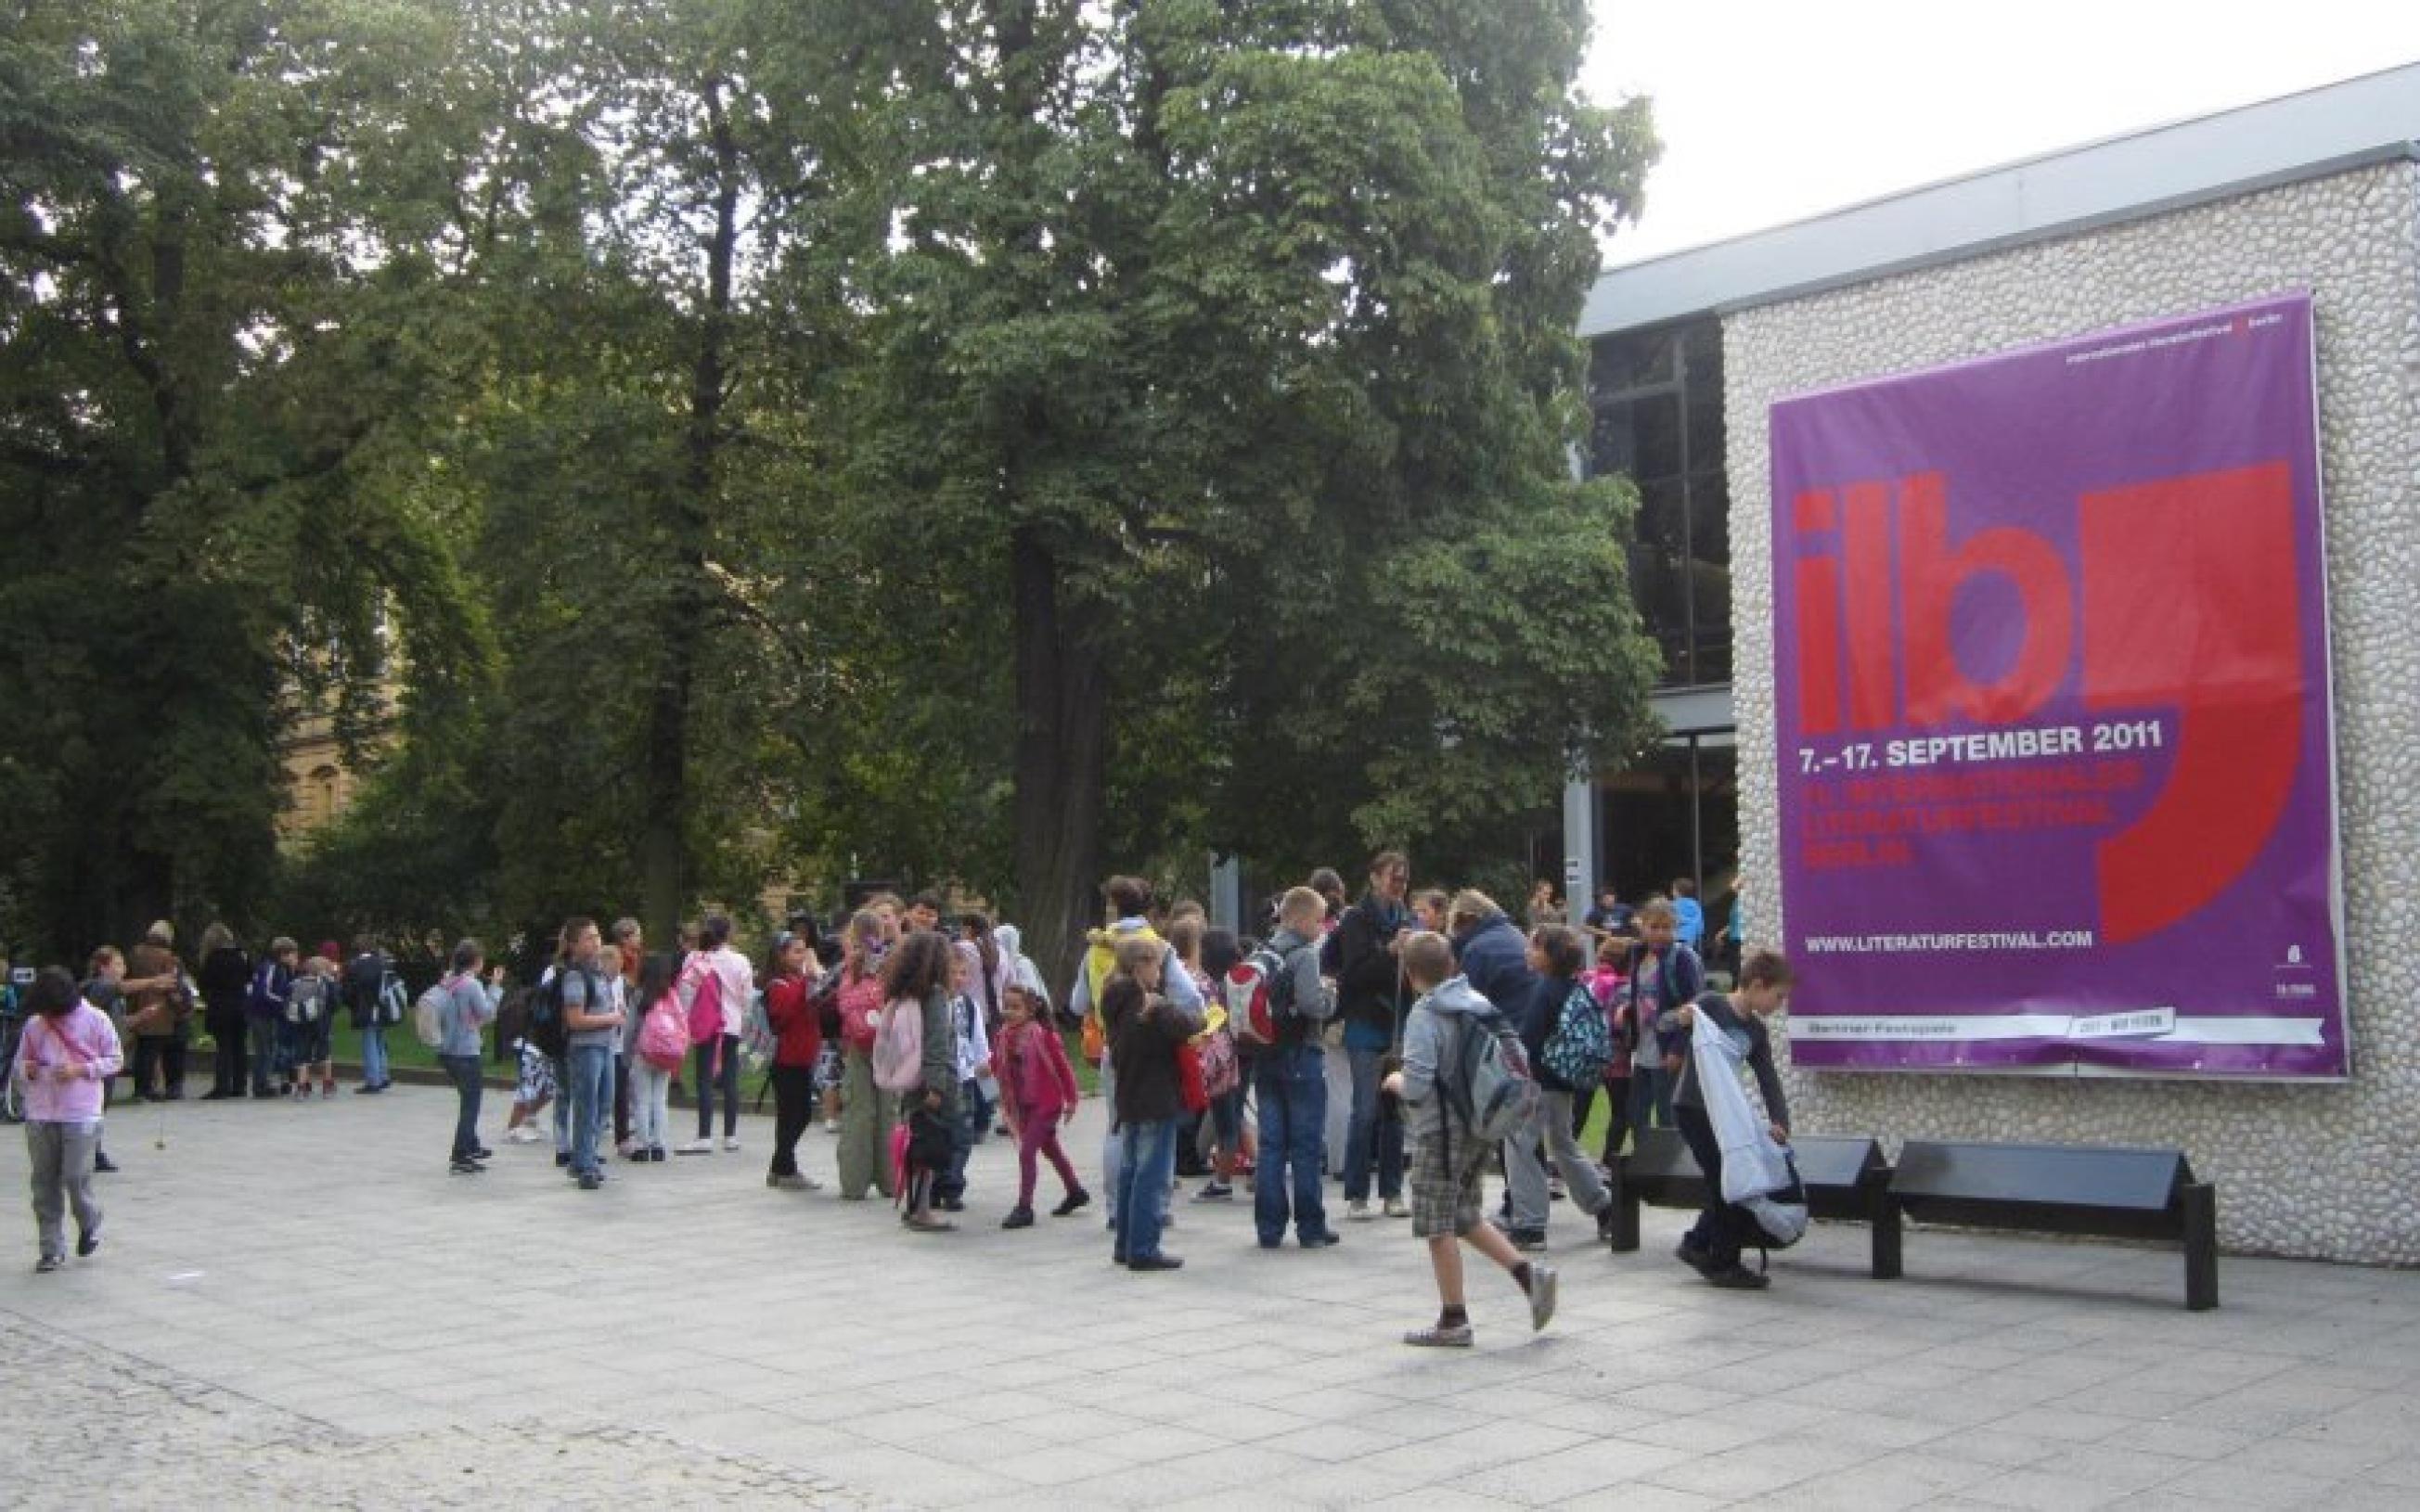 Haus der Berliner Festspiele im September 2011 während des 11. internationalen literaturfestivals berlin